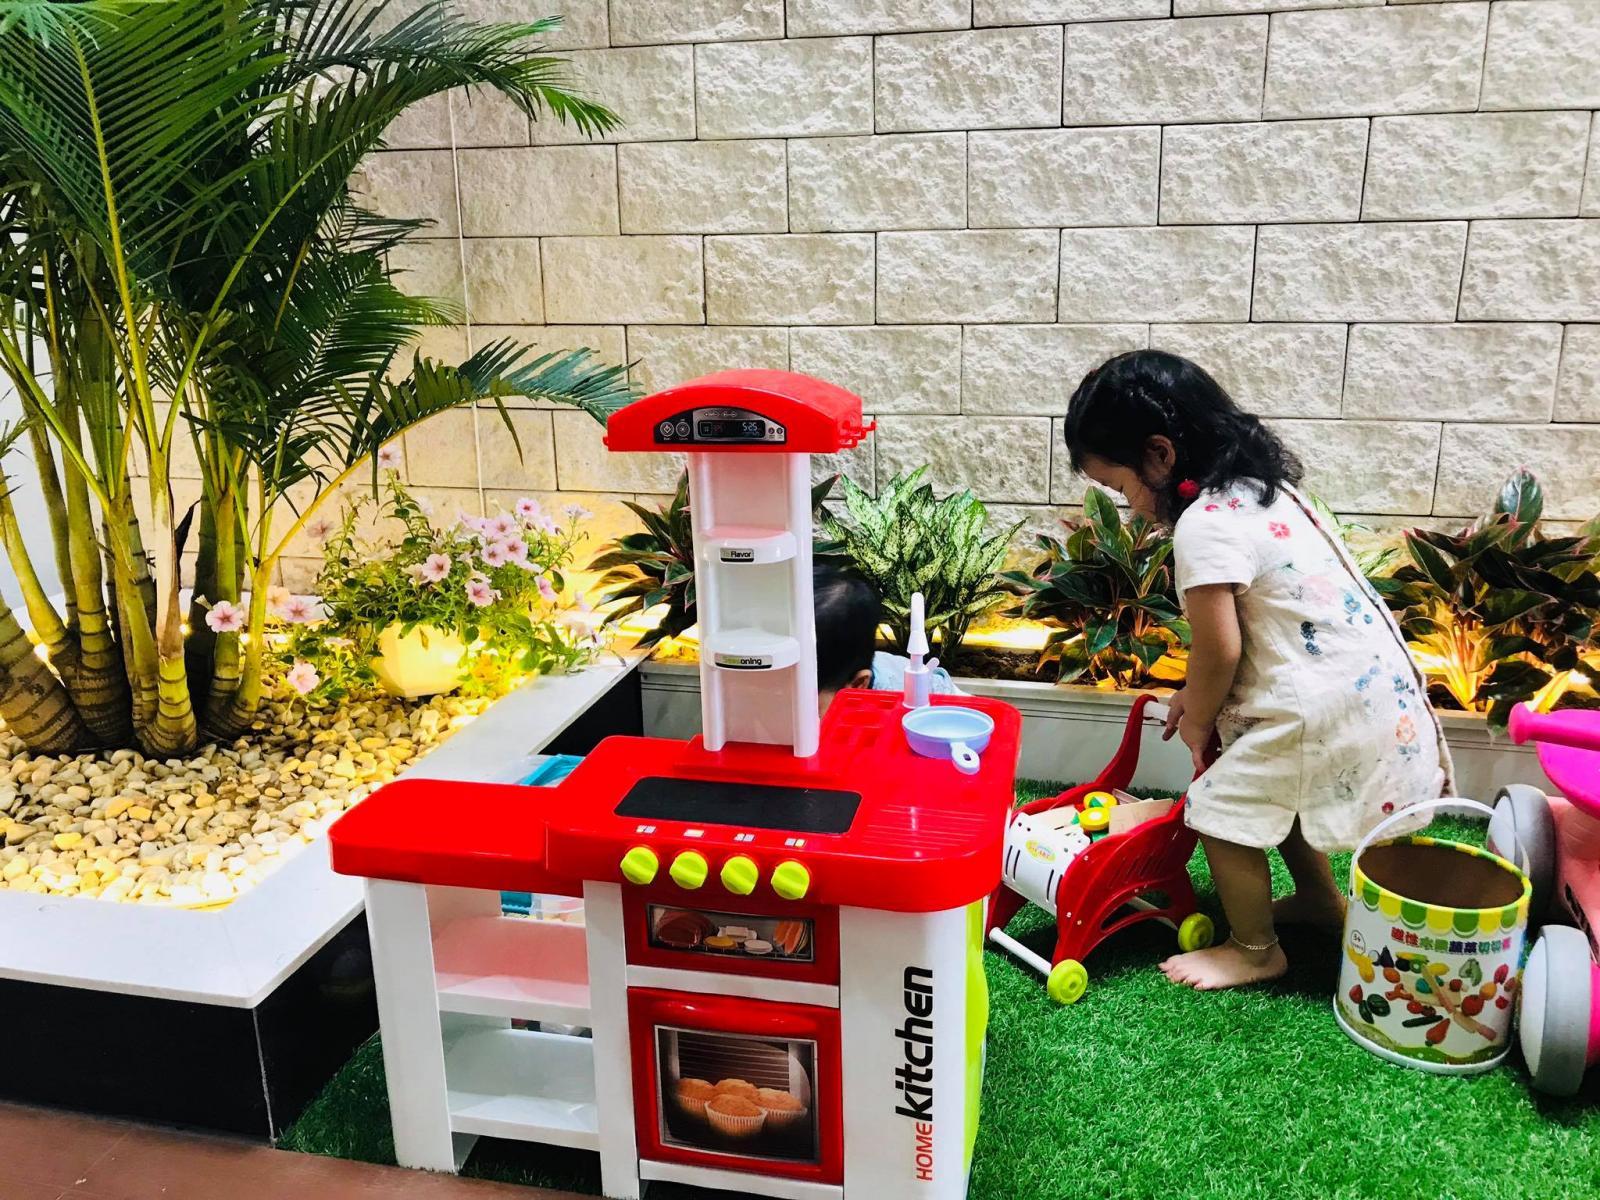 Bé gái vui chơi trong căn bếp đồ chơi được bố trí ở khu vực giếng trời.